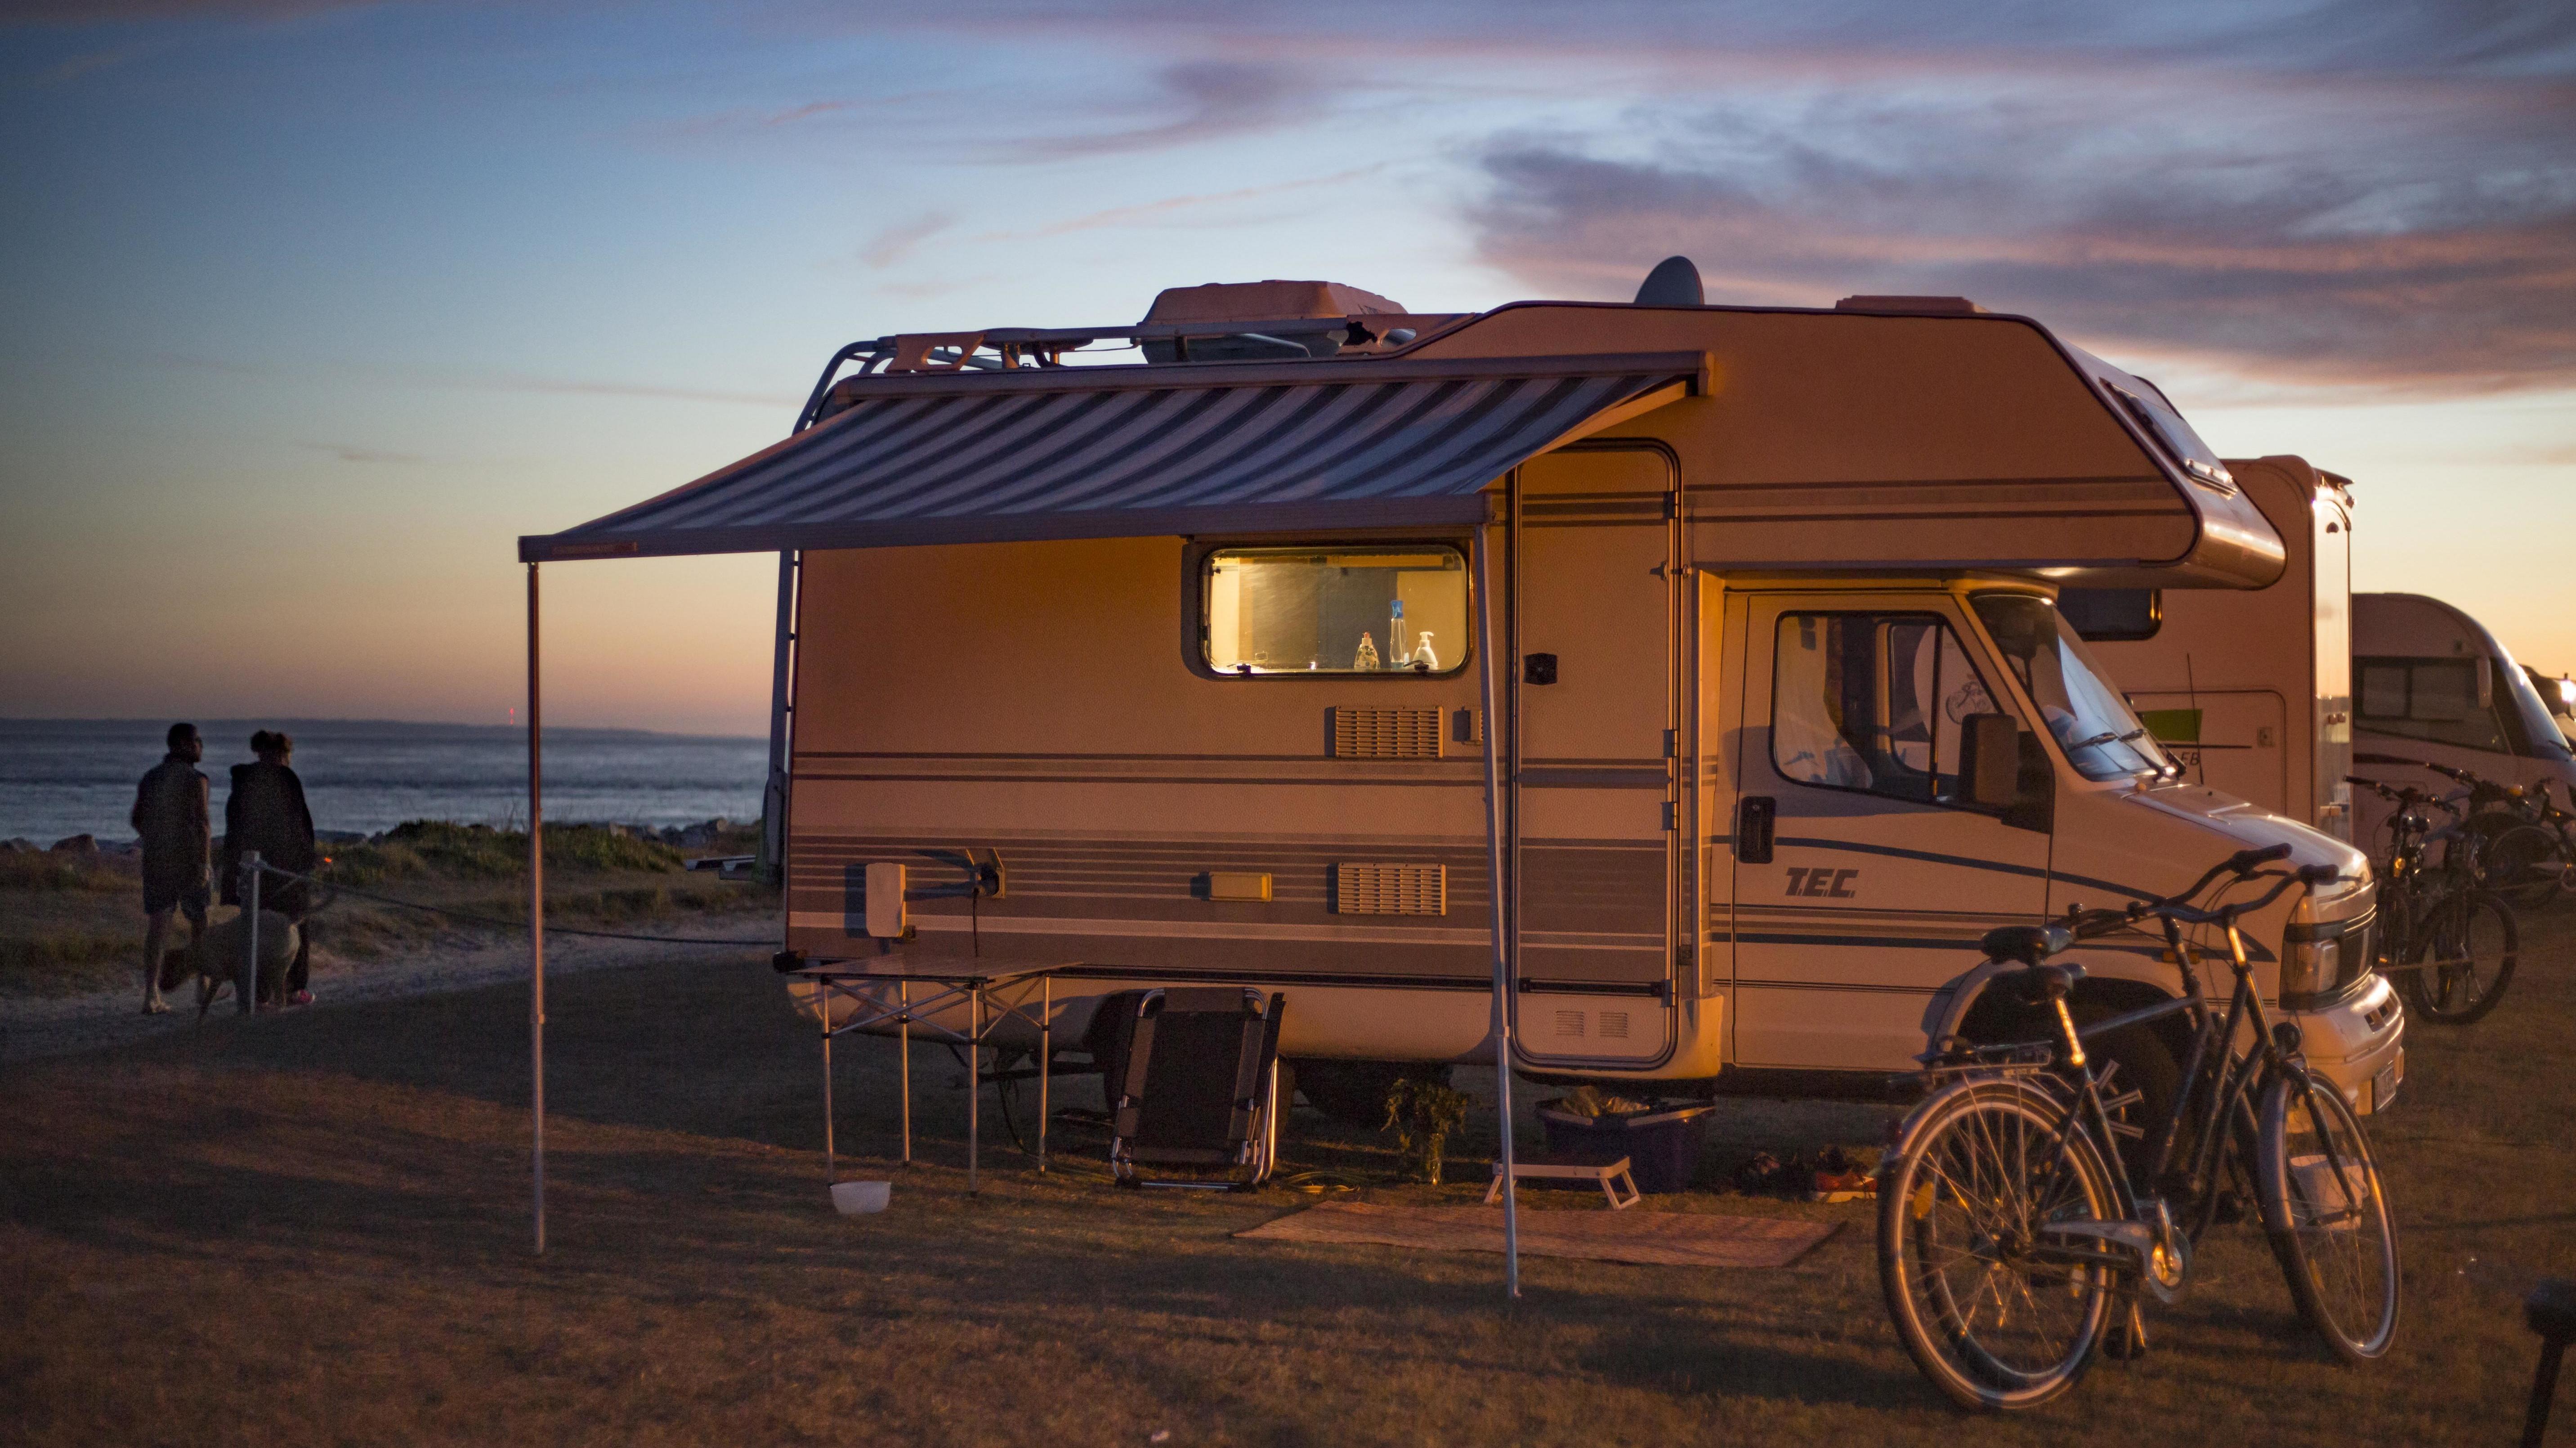 Wohnmobil abends auf einem Stellplatz am Meer bei Sonnenuntergang